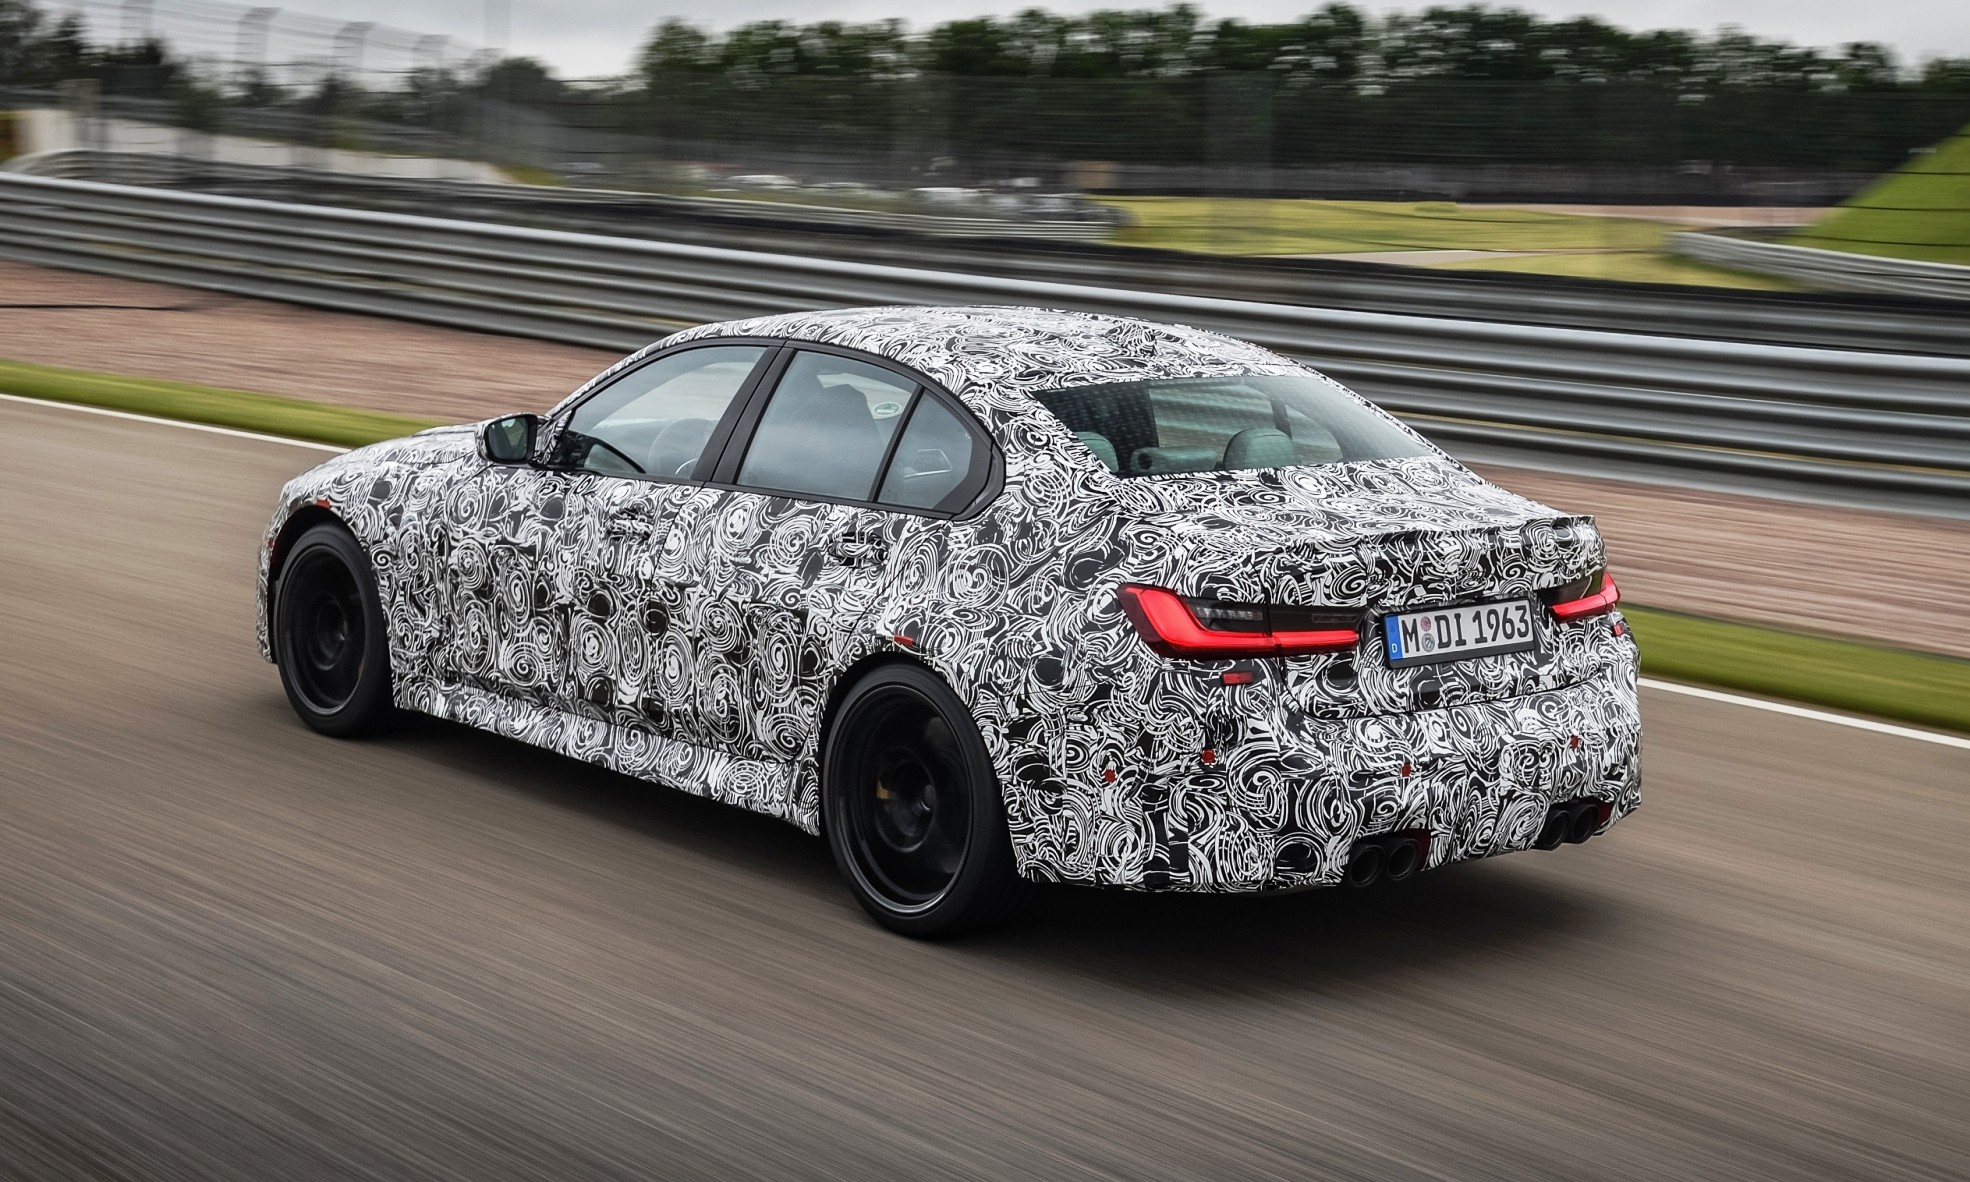 BMW M3 Prototype rear side